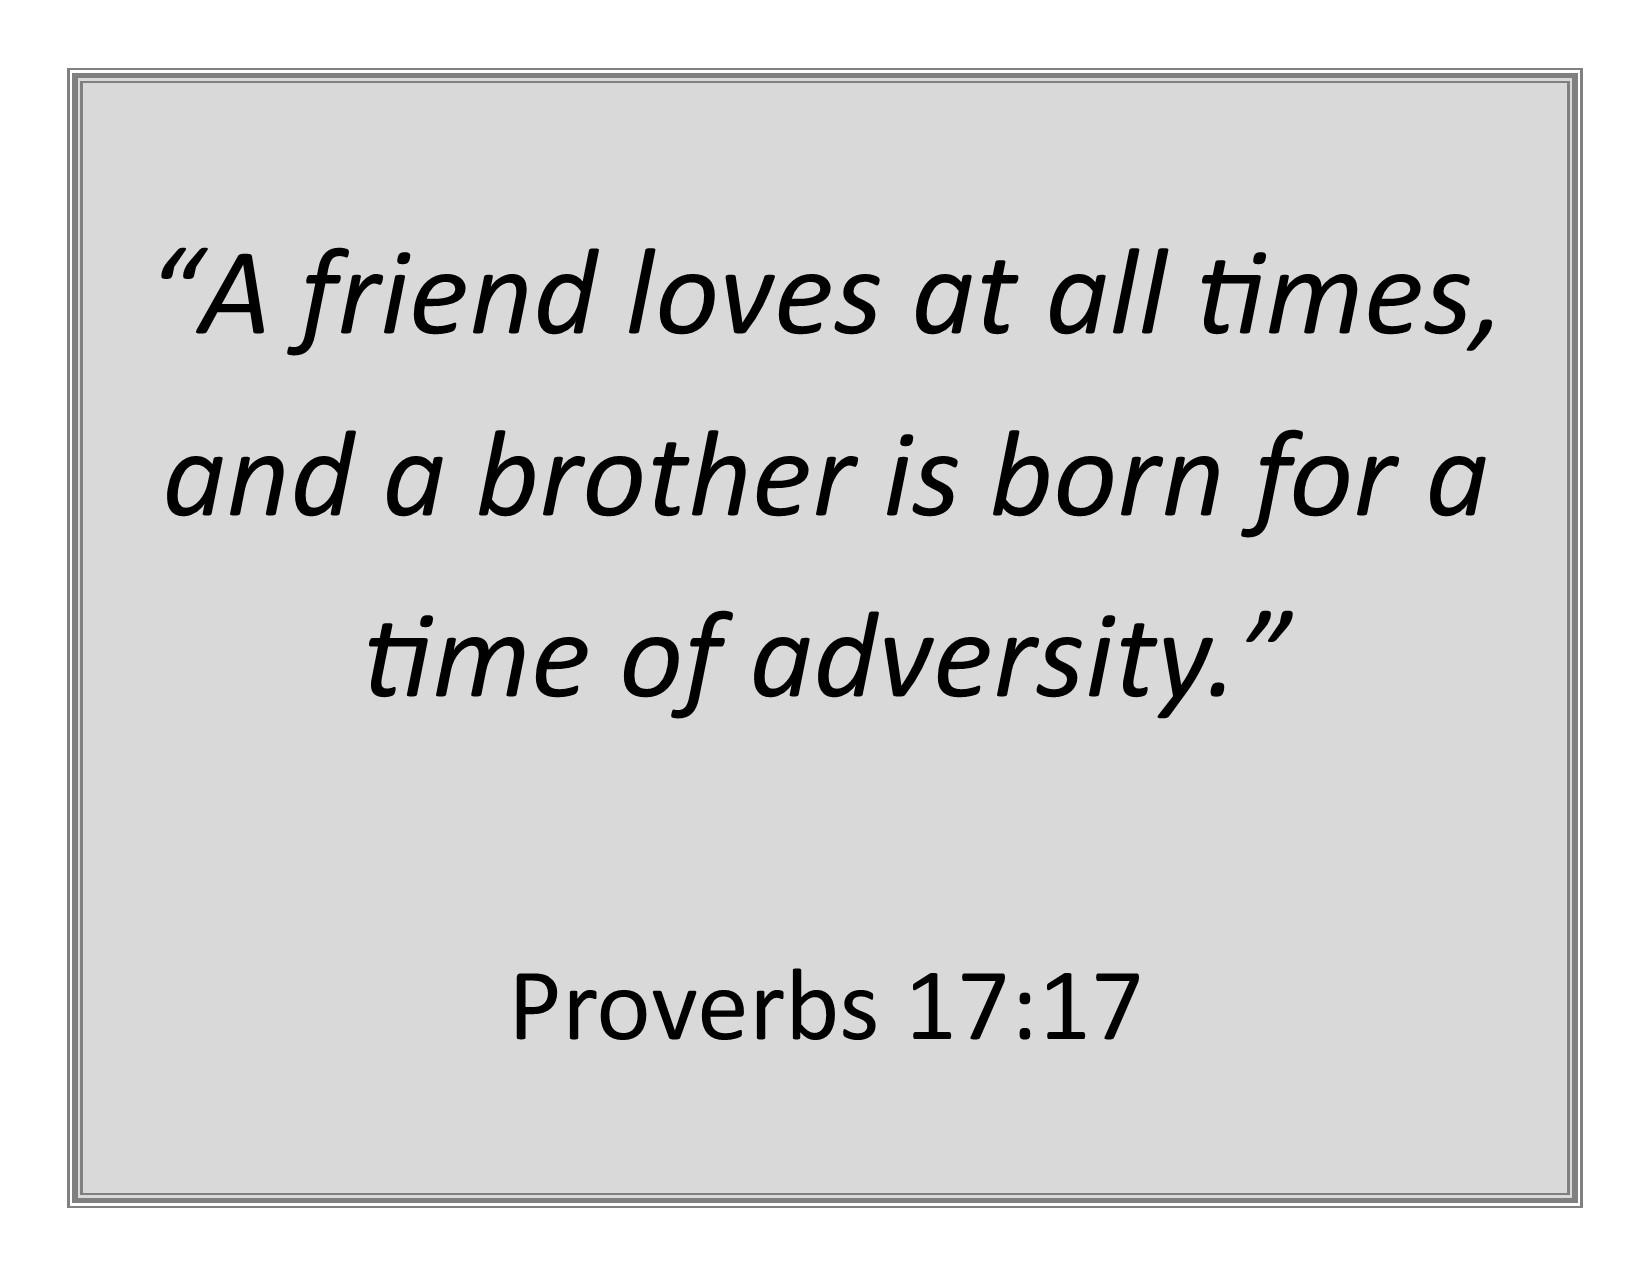 proverbs 17 17